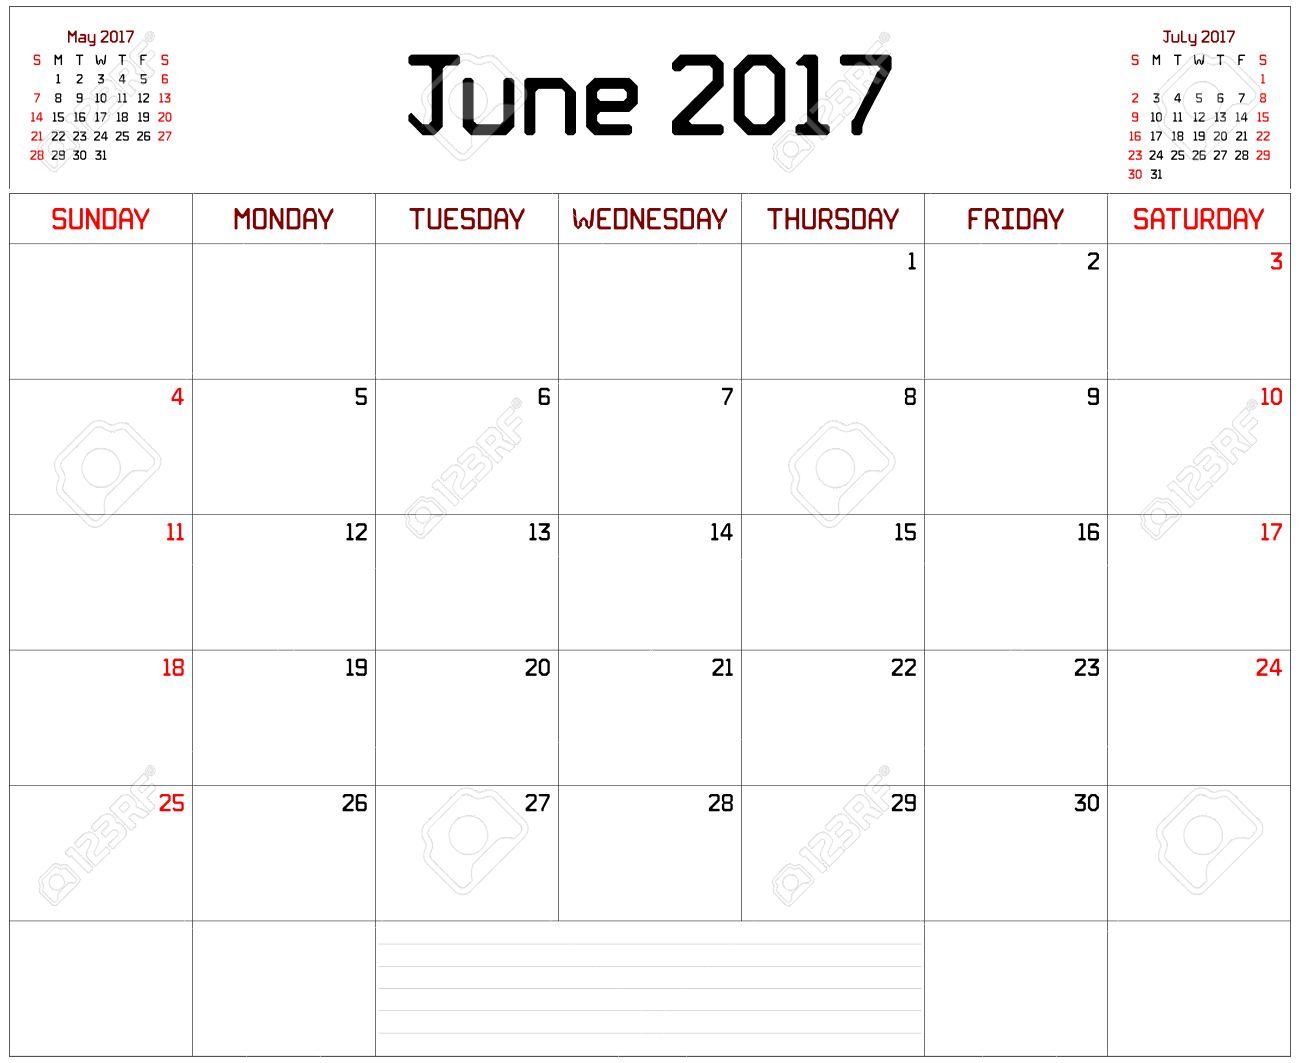 Année 2017 Juin Planner - Un Calendrier De Planification Mensuelle Pour  Juin 2017 Sur Blanc. Une Ligne Droite Personnalisée Police Épaisse Est concernant Calendrier 2017 En Ligne